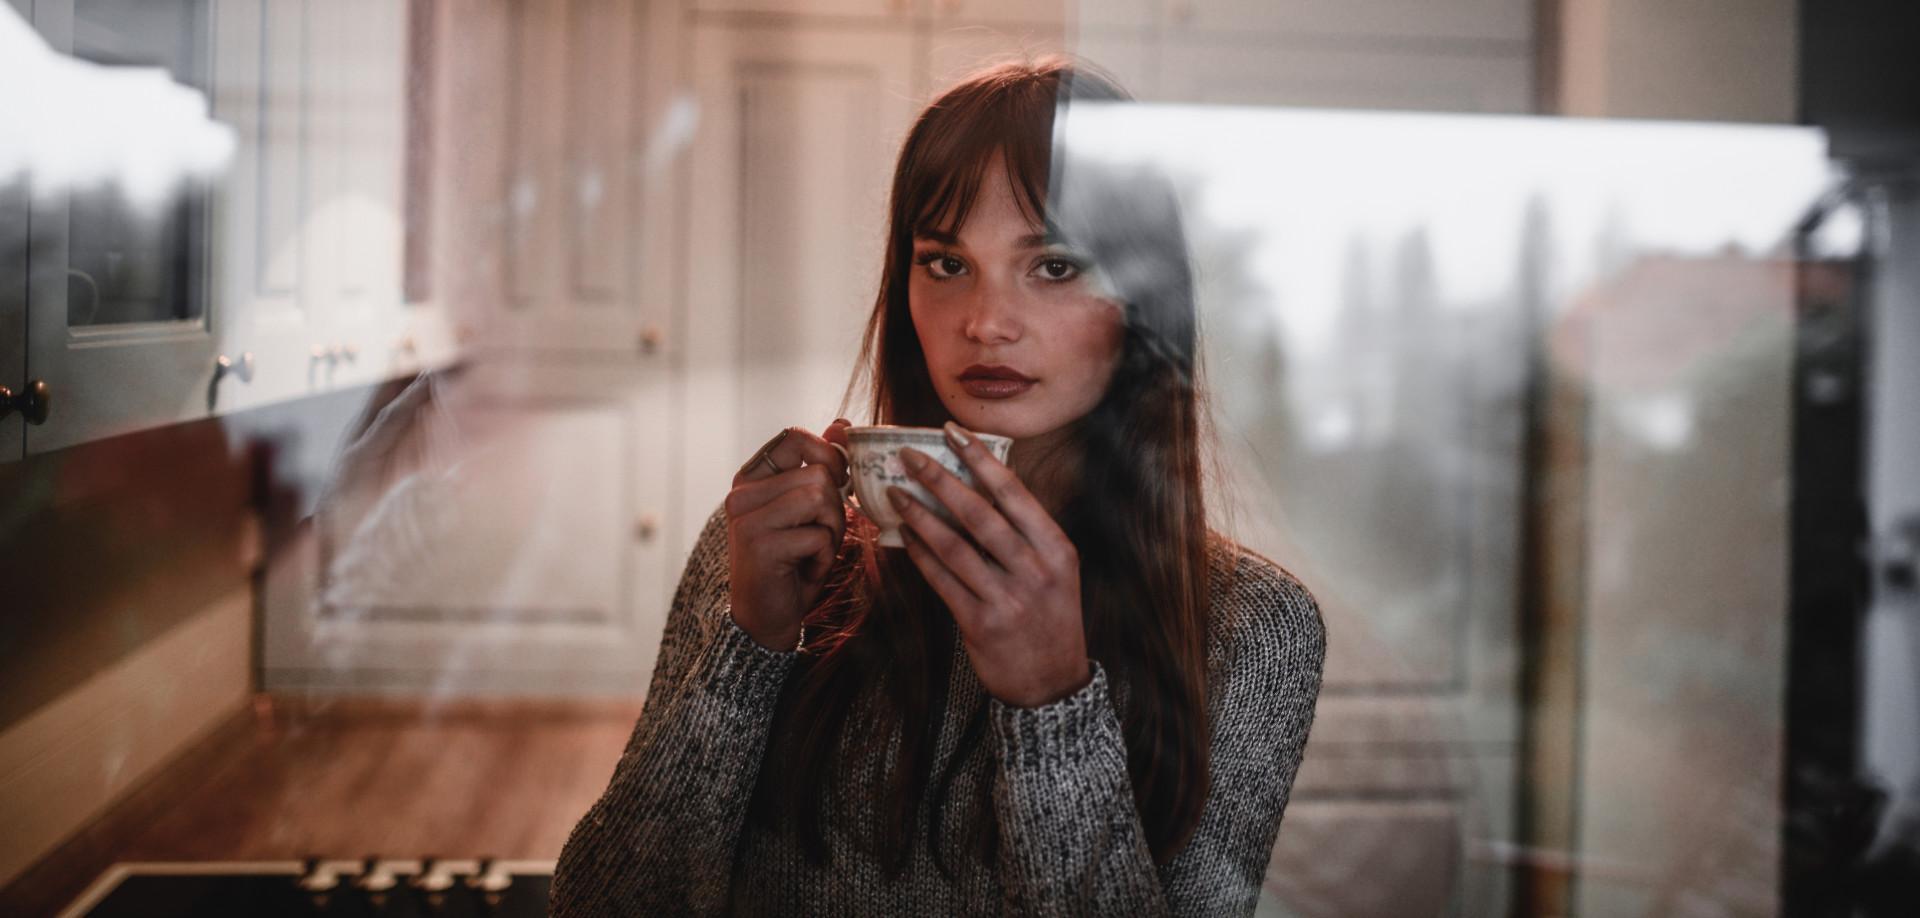 Essayer de lui montrer à quel point il est triste et perdu sans elle, avec l'espoir de la faire se sentir suffisamment coupable pour changer d'avis sur la rupture